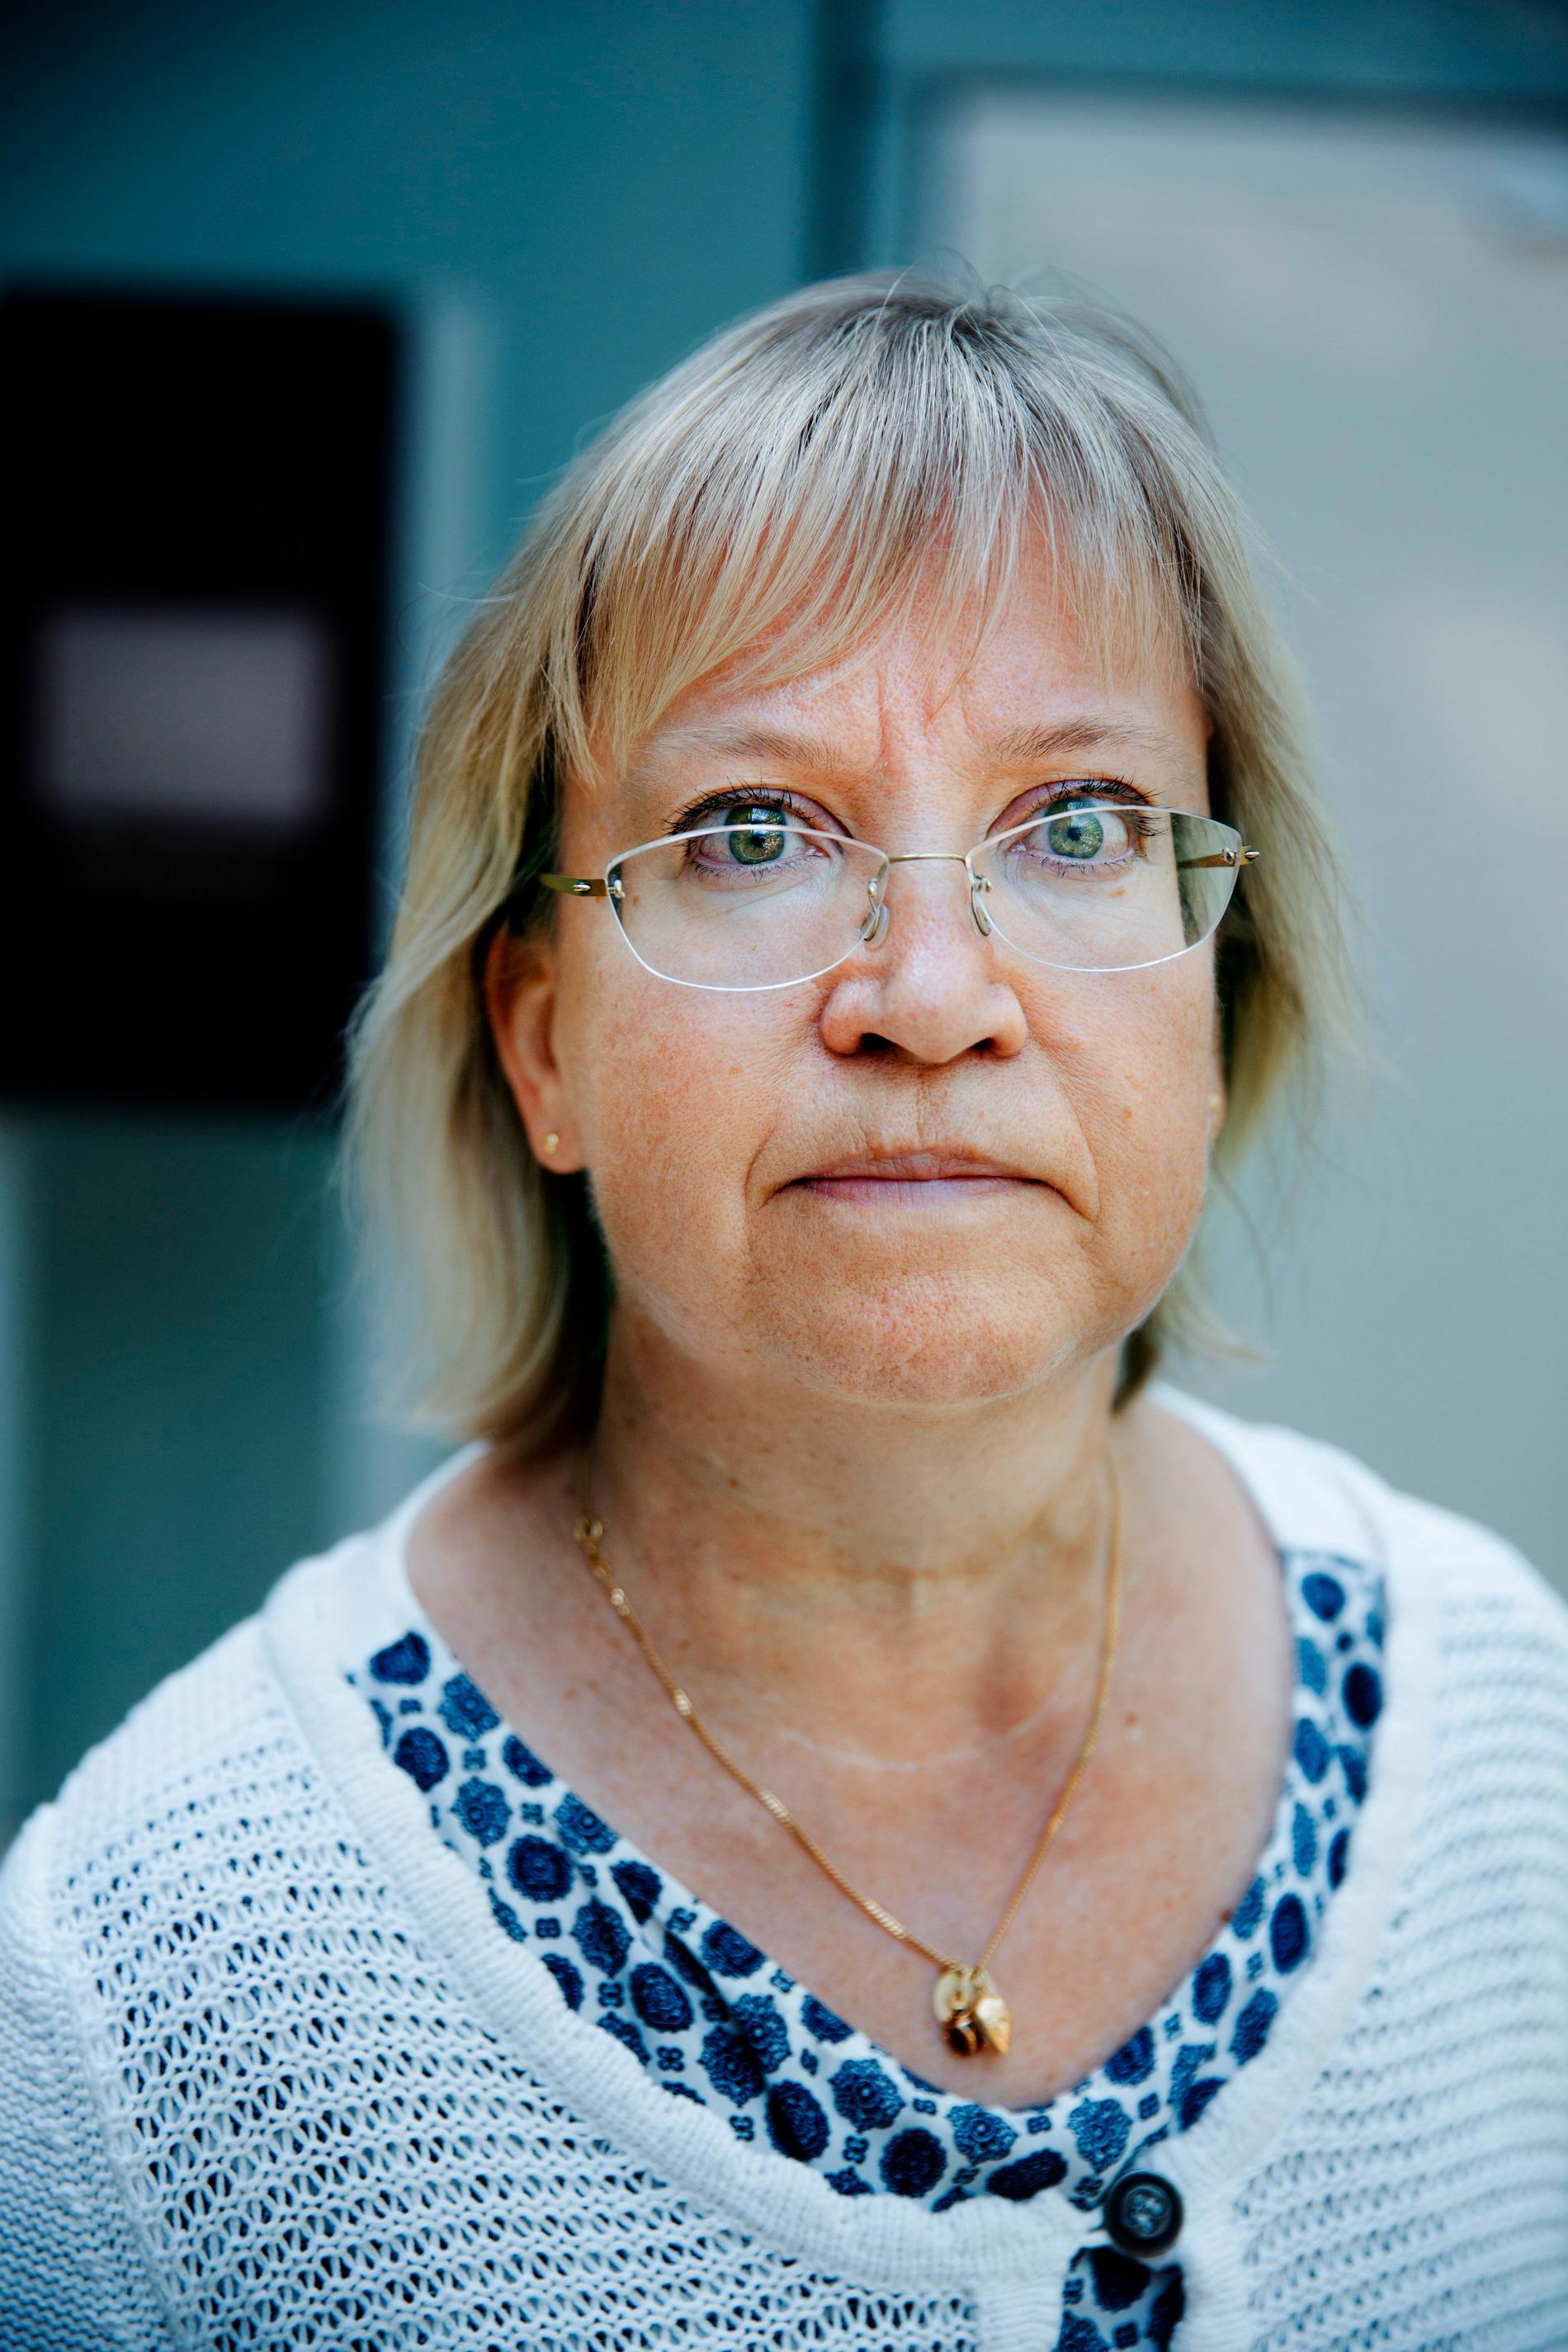 Chefslagmannen Lena Egelin har de uppmärksammade nämndemännens framtid på Solna tingsrätt i sin hand.